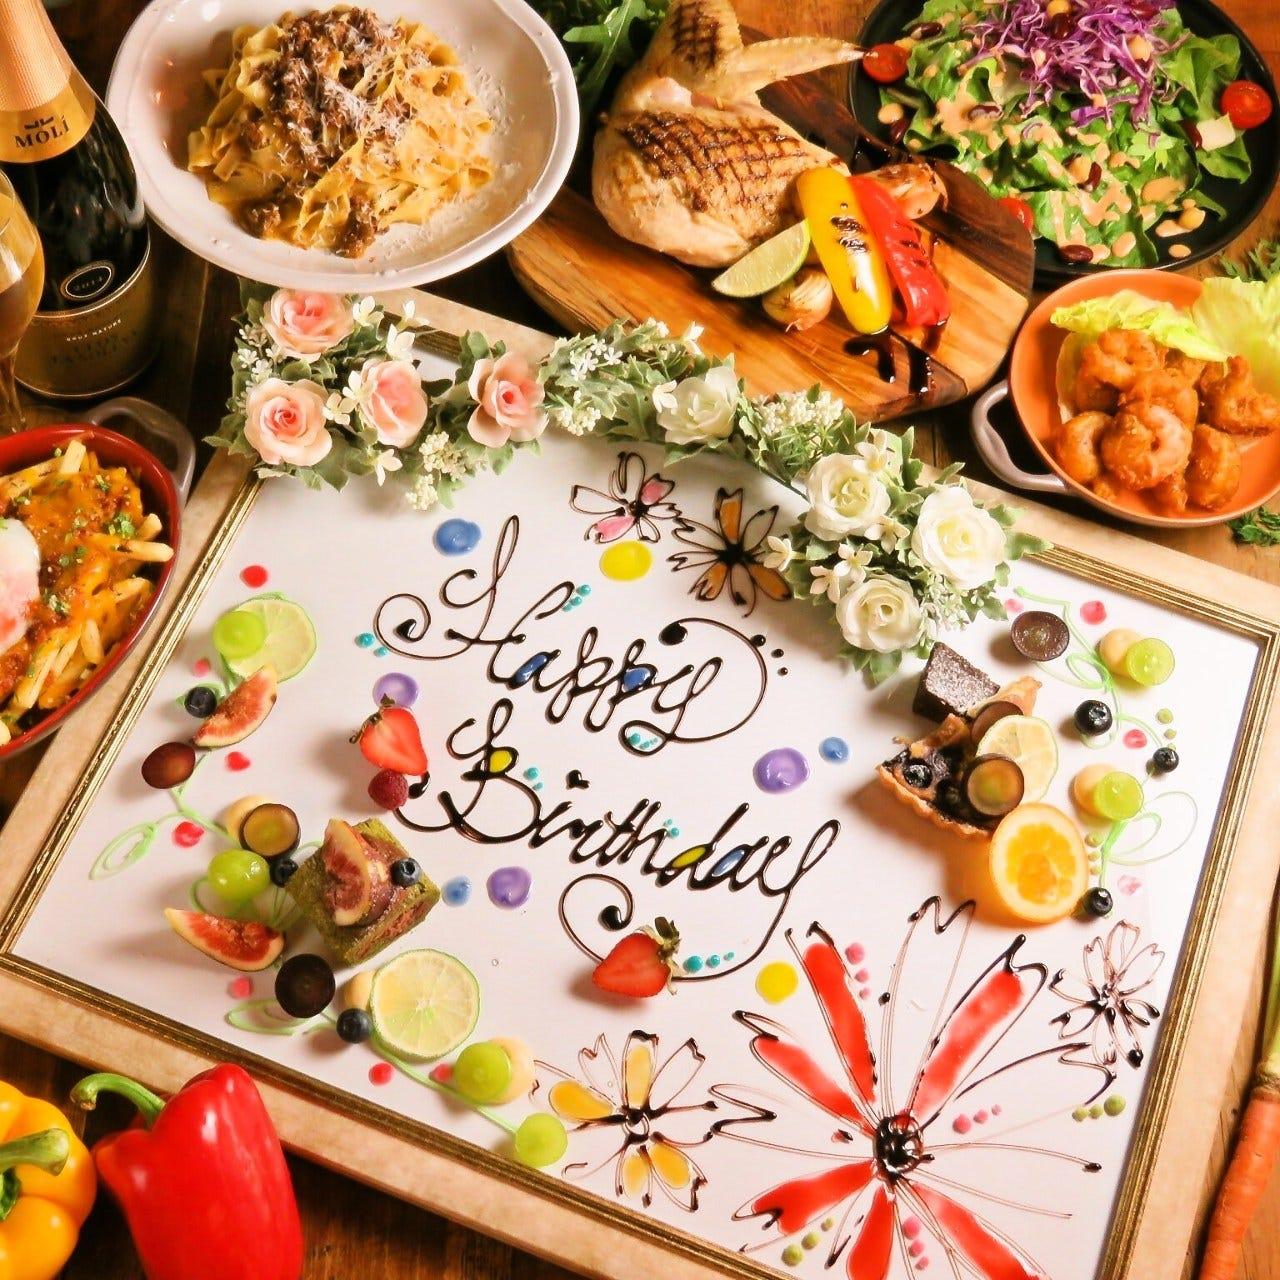 デザートフレームアートの演出が魅力♪スパークリングワイン1本付『誕生日・記念日プラン』[全6品]